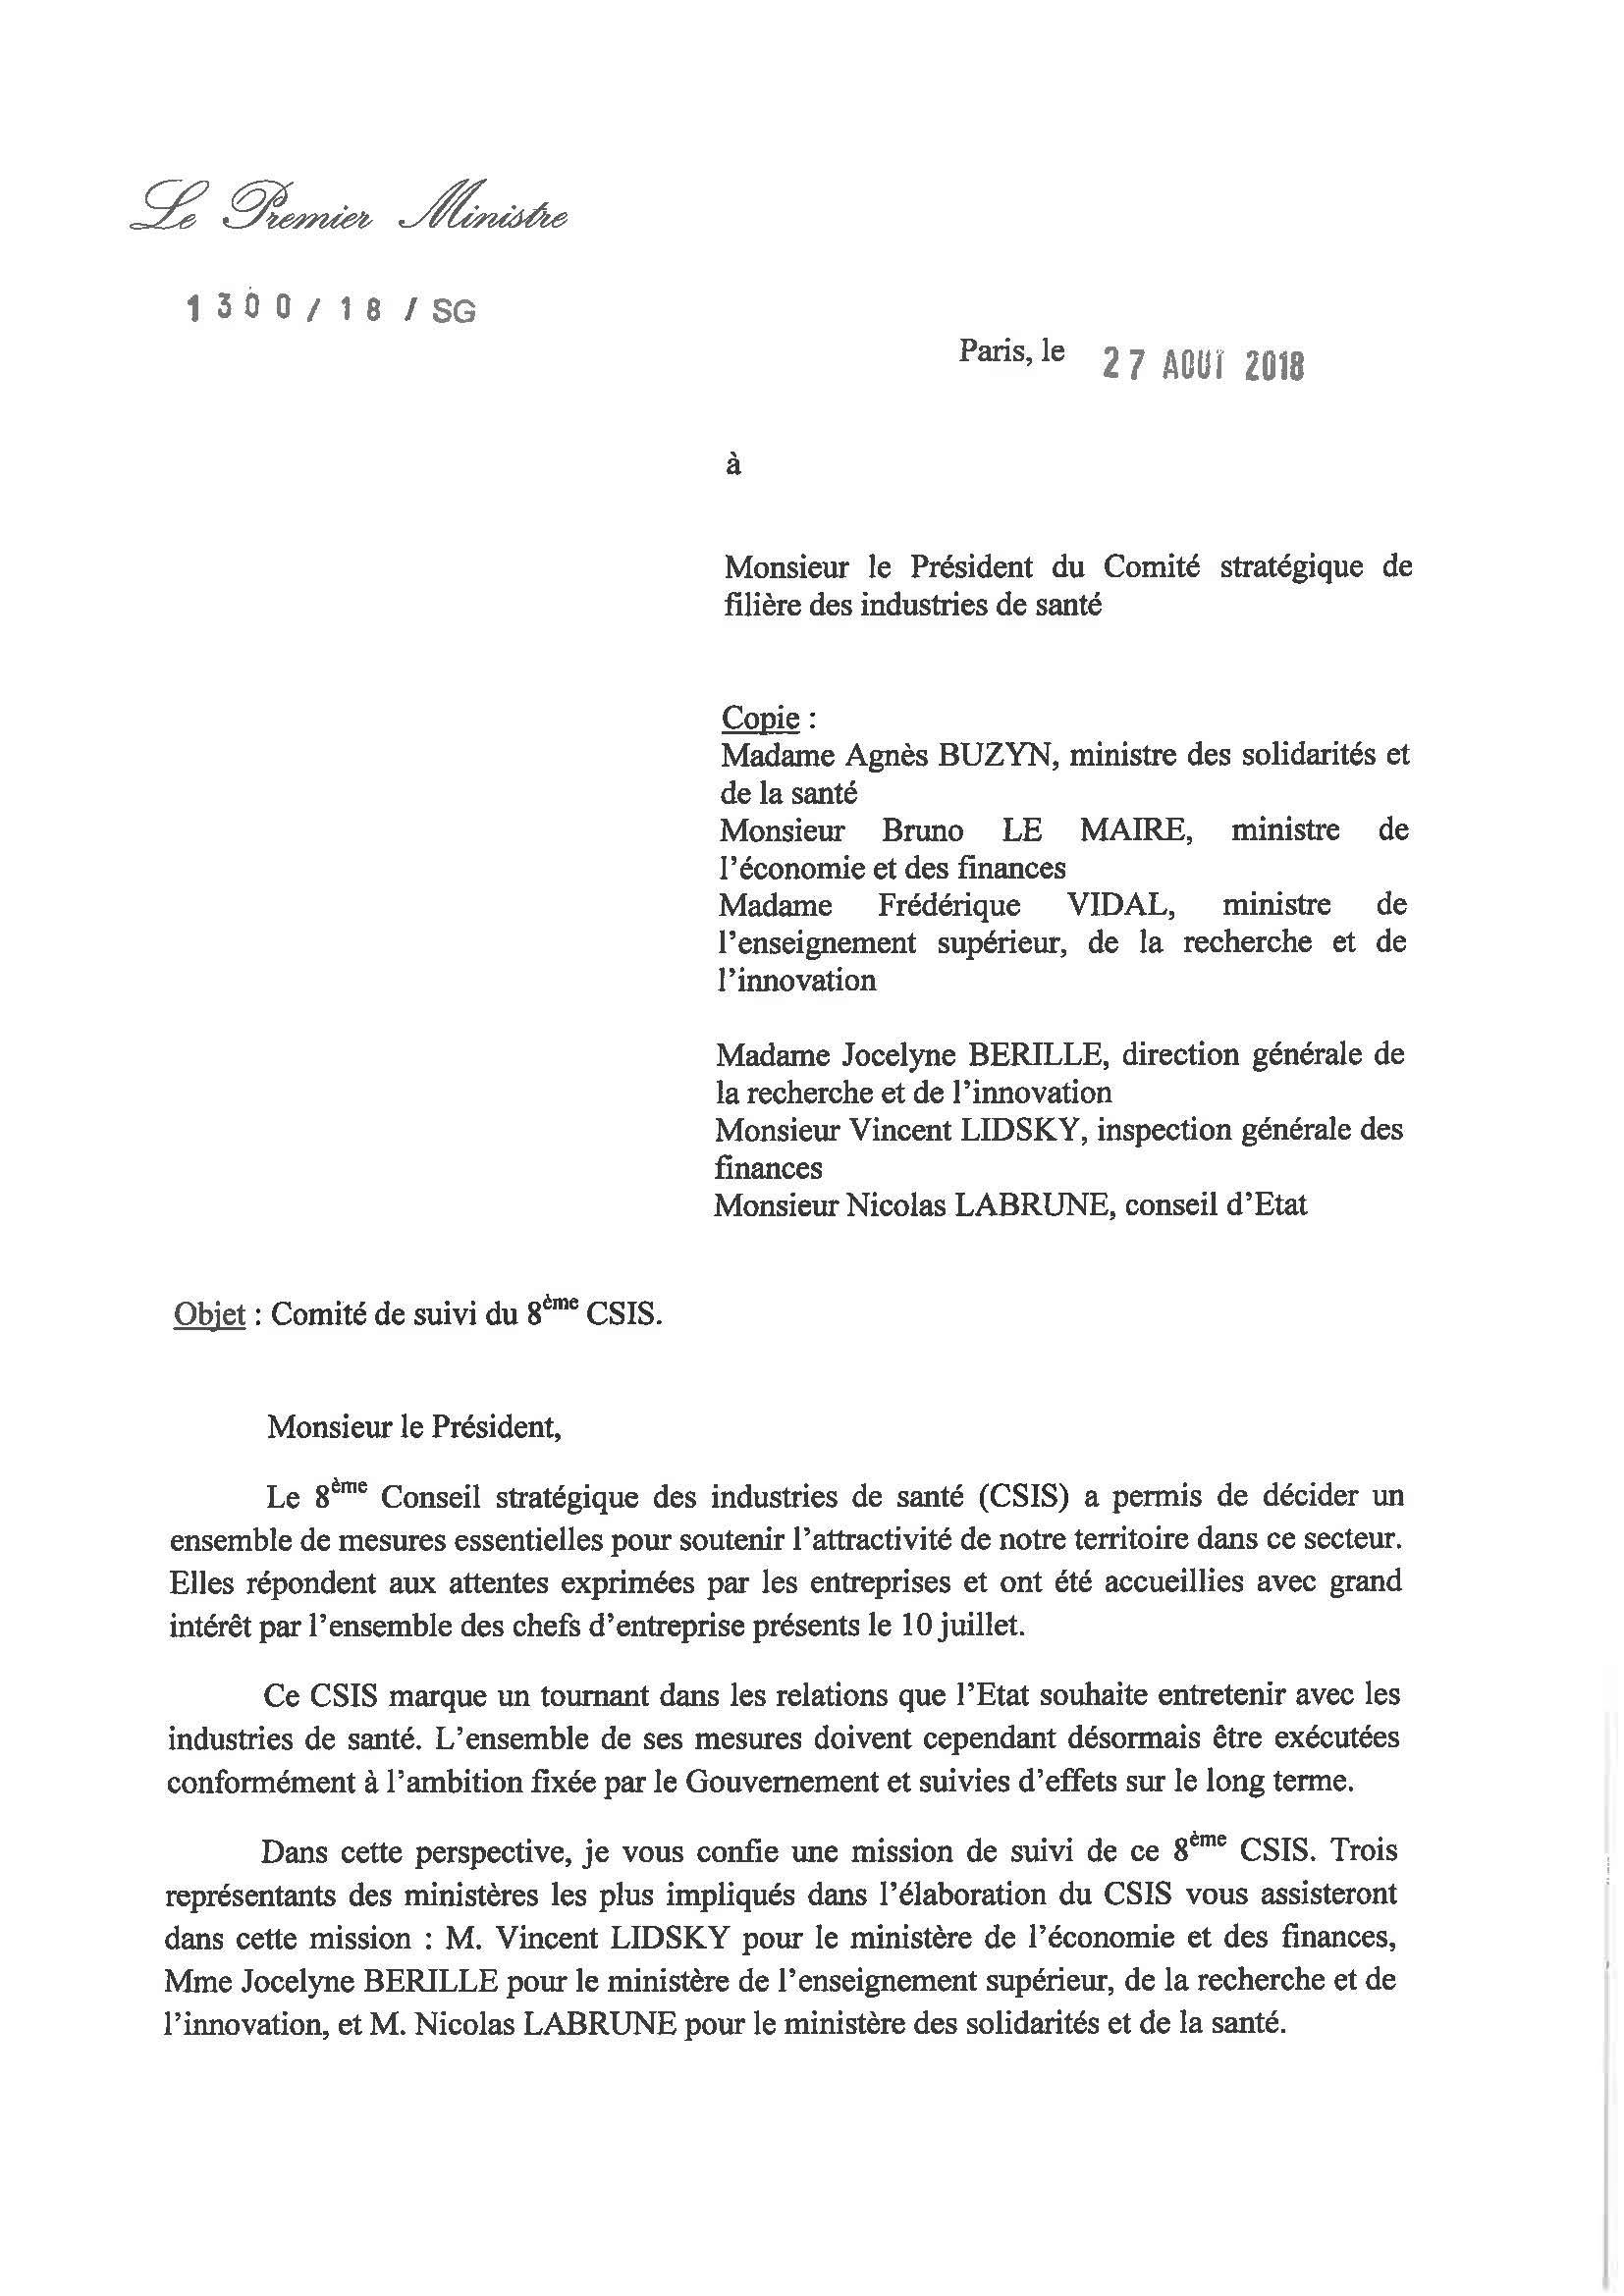 Comité de suivi du 8e CSIS